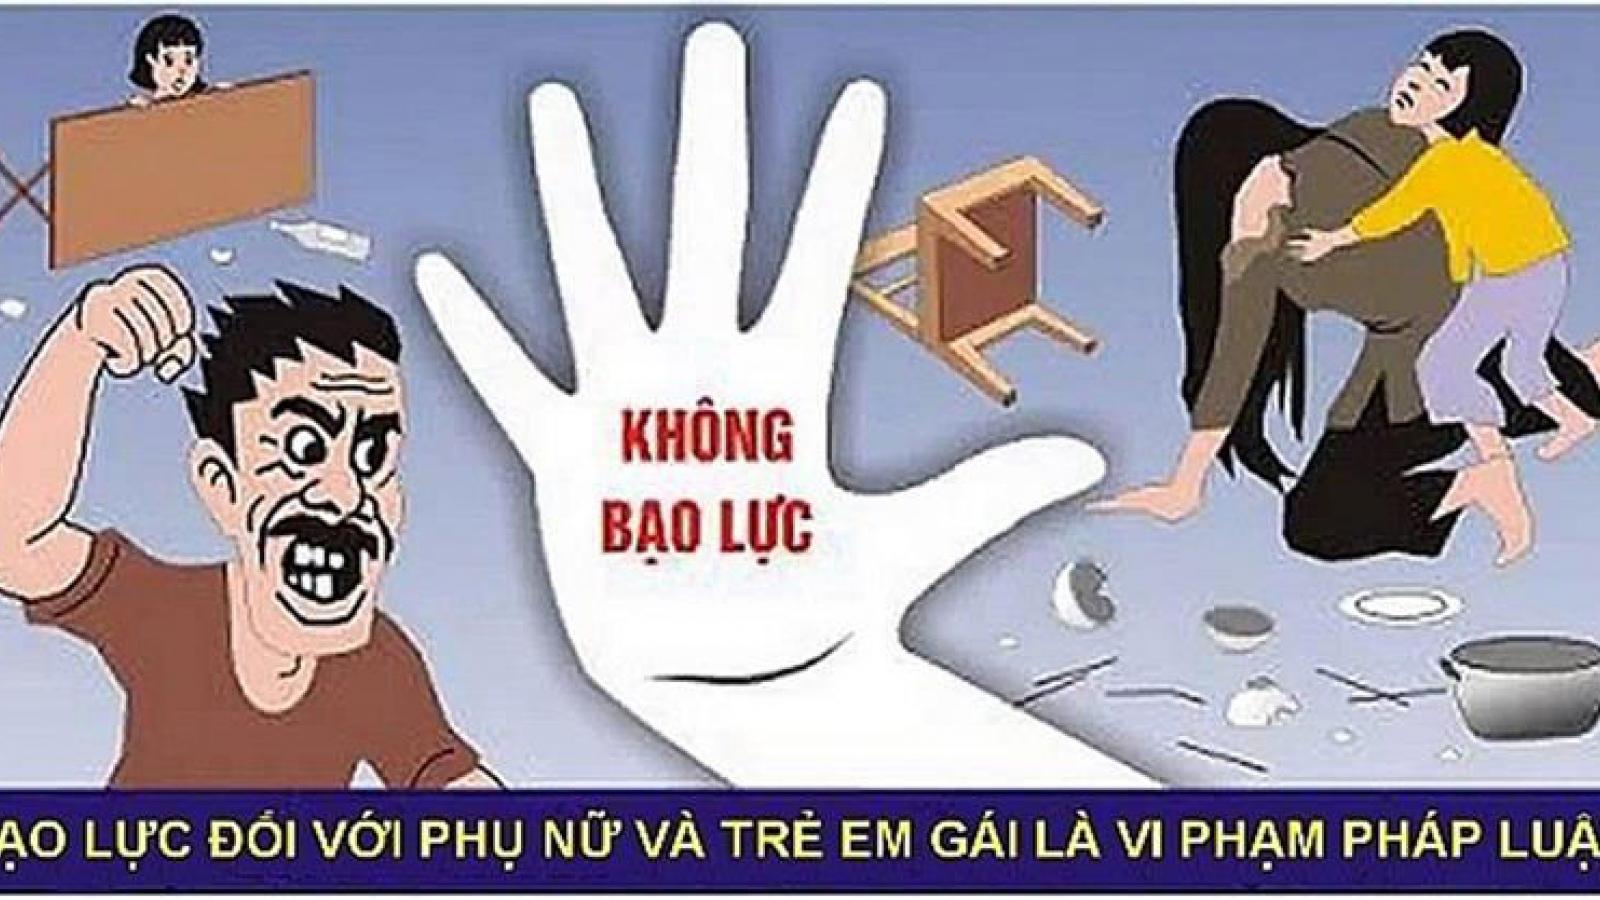 Chung tay chấm dứt bạo lực đối với phụ nữ và trẻ em